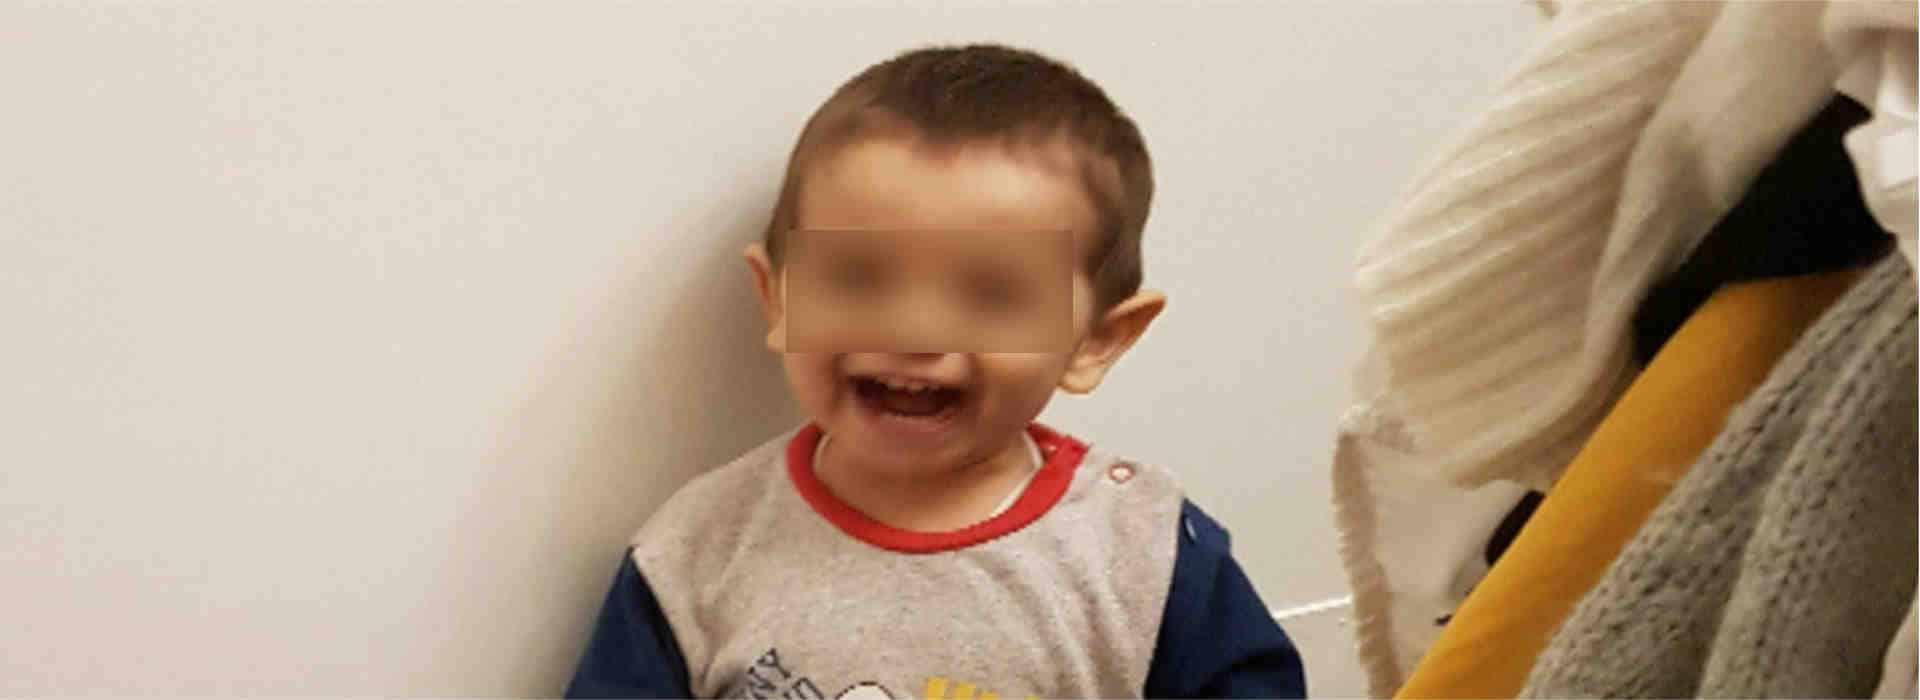 Caso Thomas: il bimbo autistico potrà finalmente curarsi